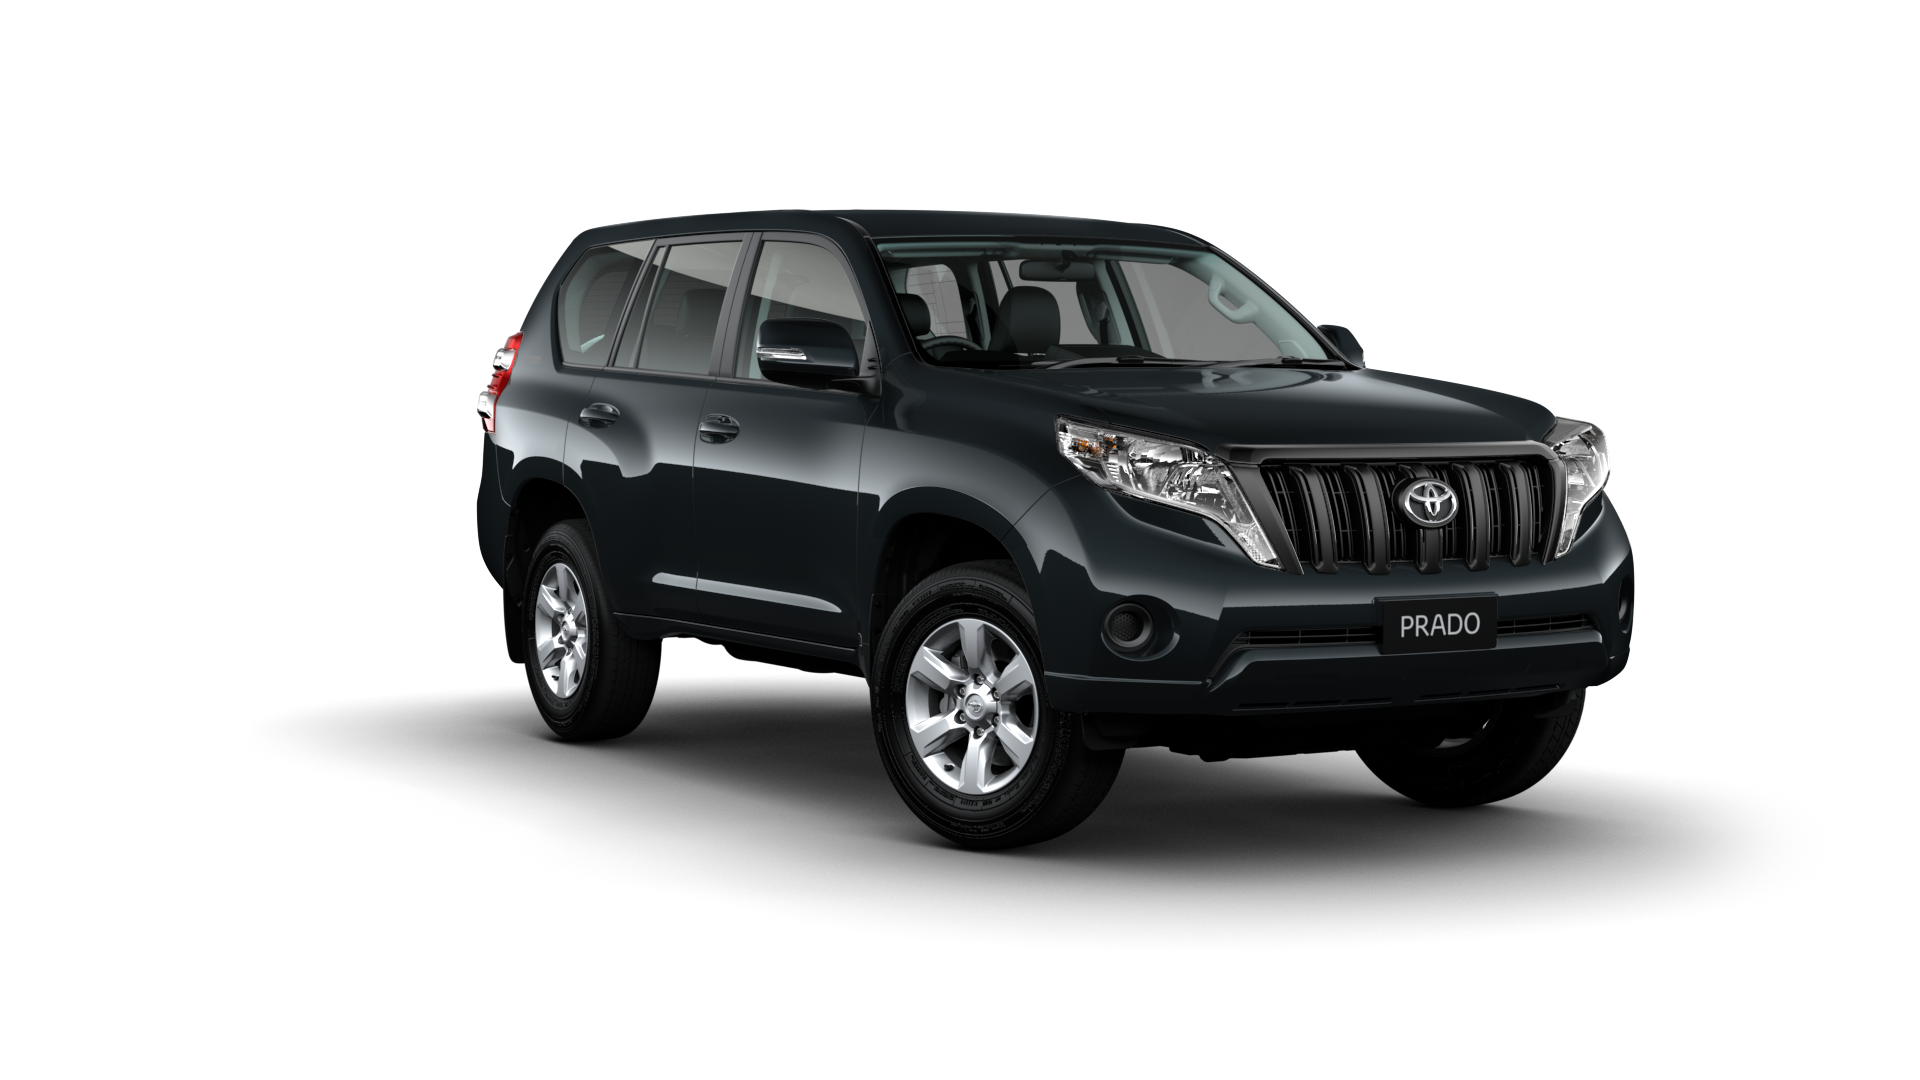 2014 Model Car Availability Autos Post